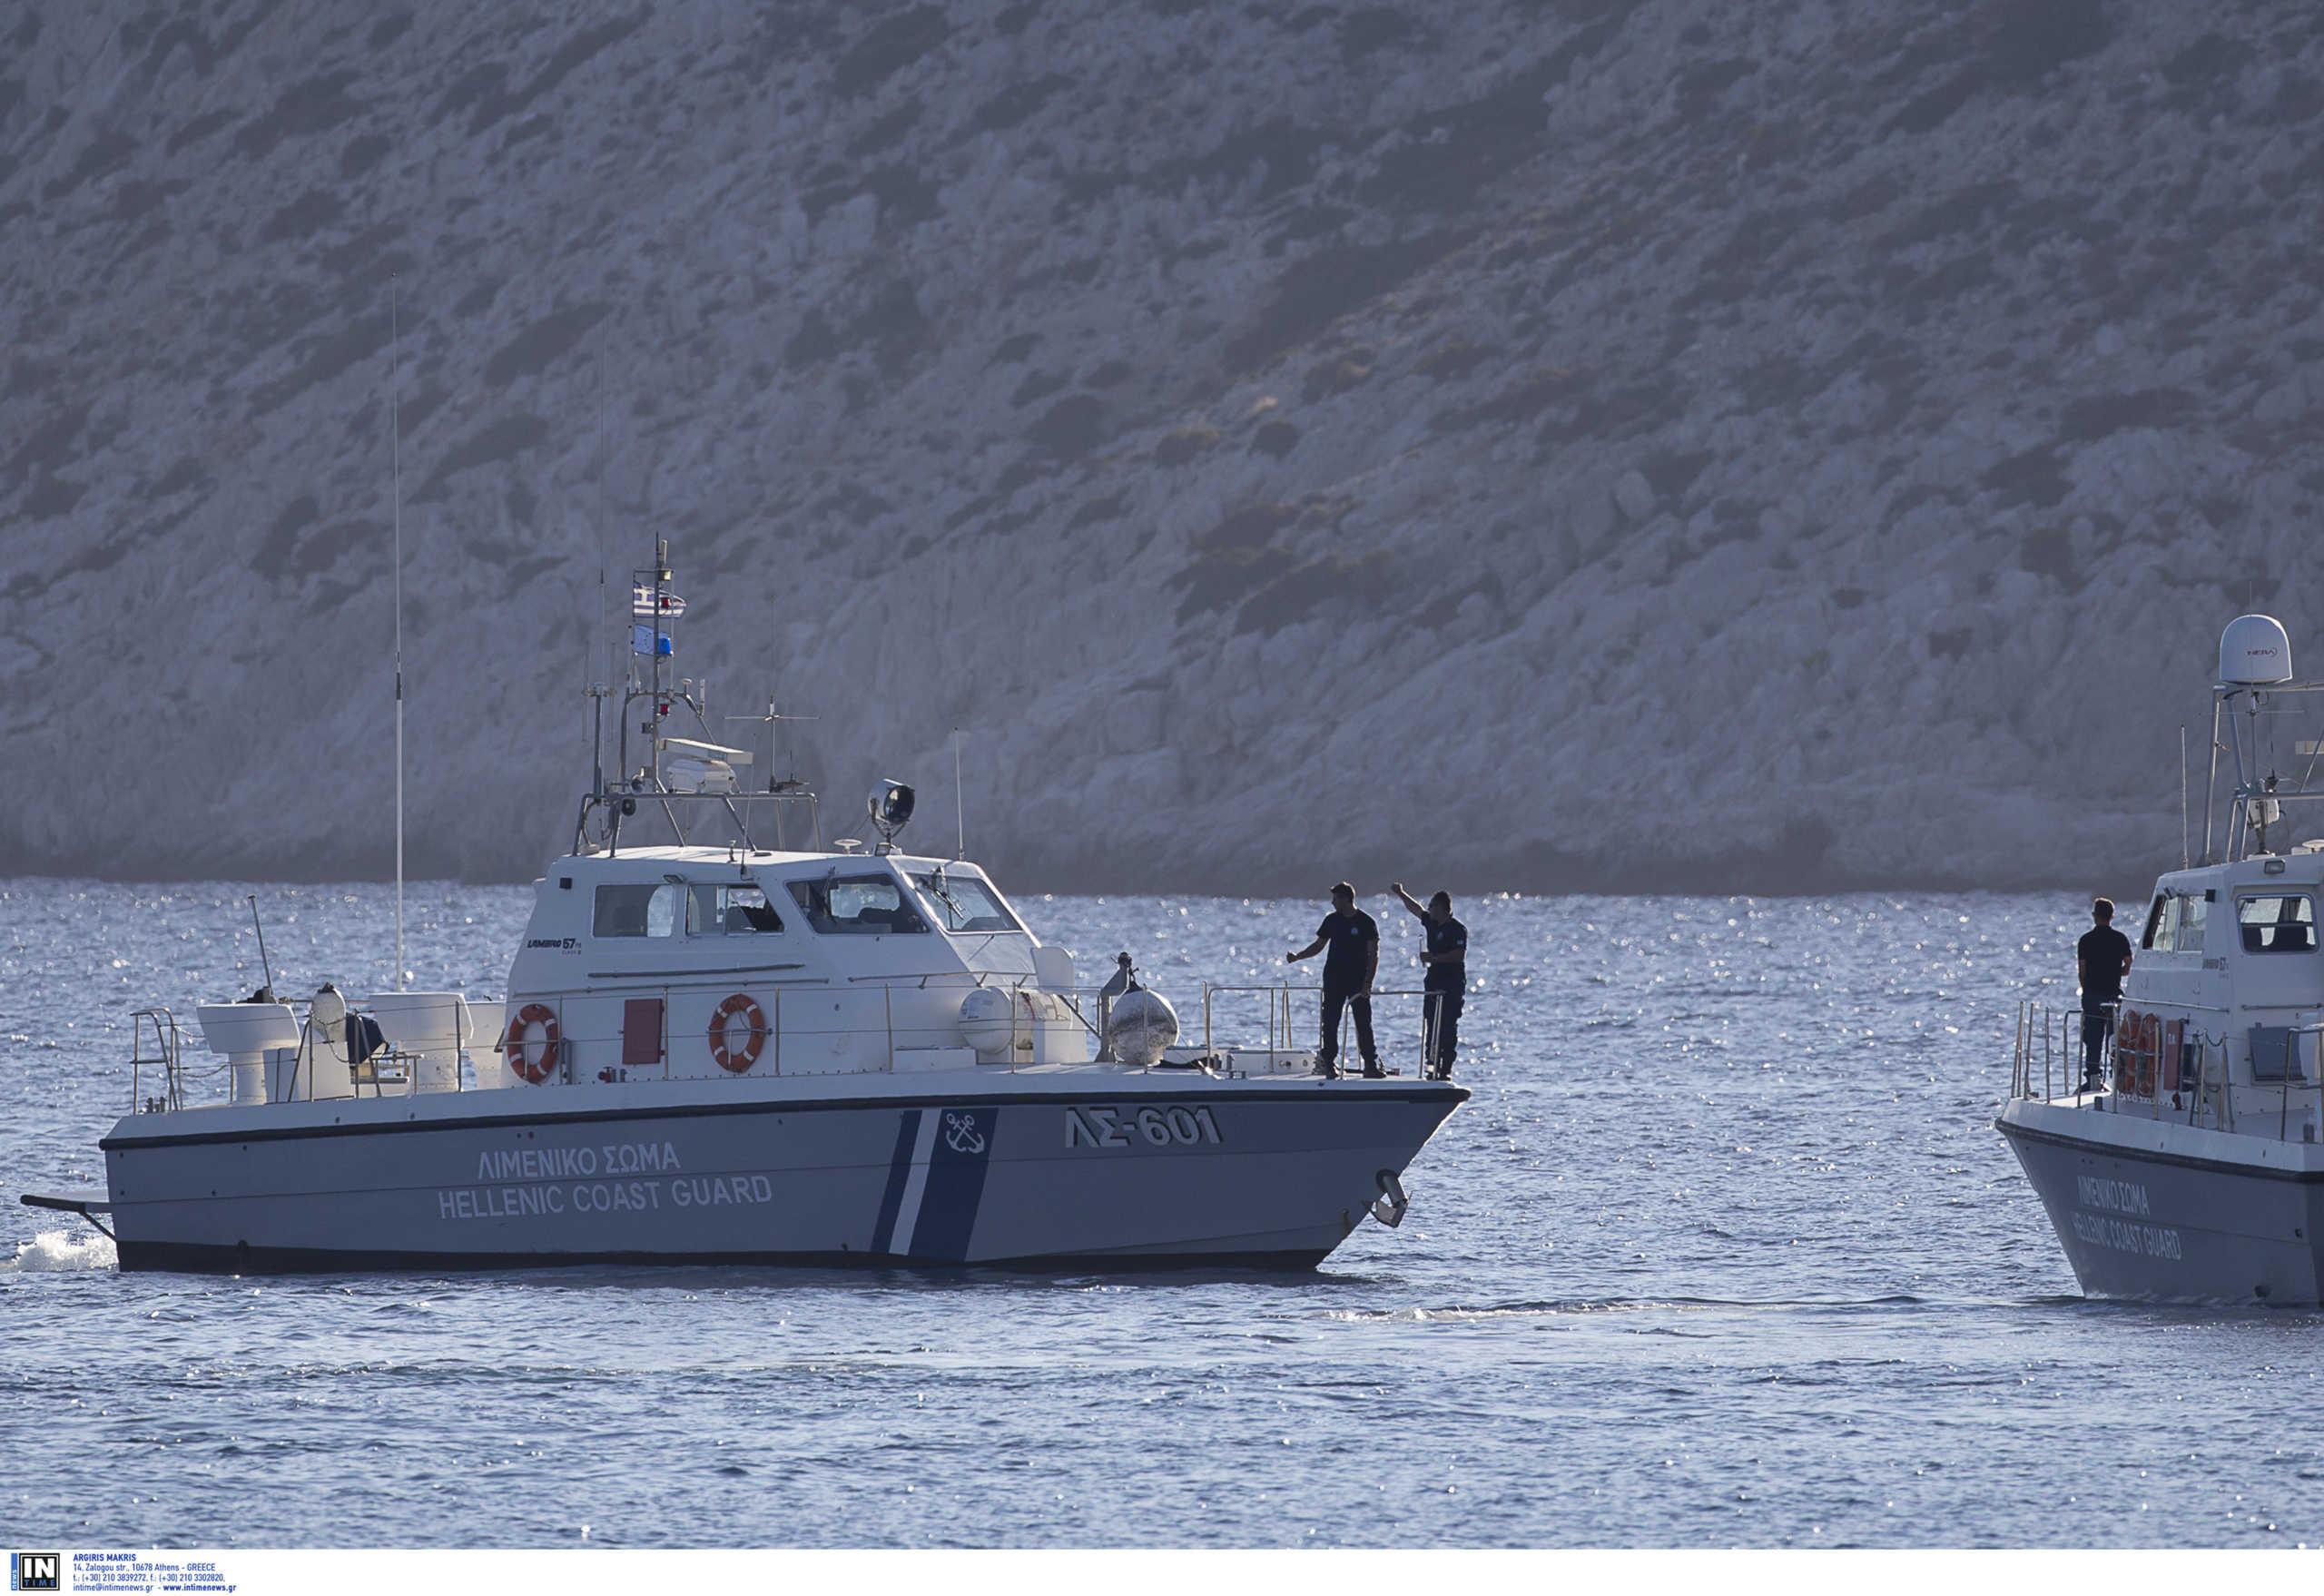 Κέρκυρα: Θρίλερ με νέα στοιχεία για τον θάνατο γυναίκας από ταχύπλοο σκάφος!